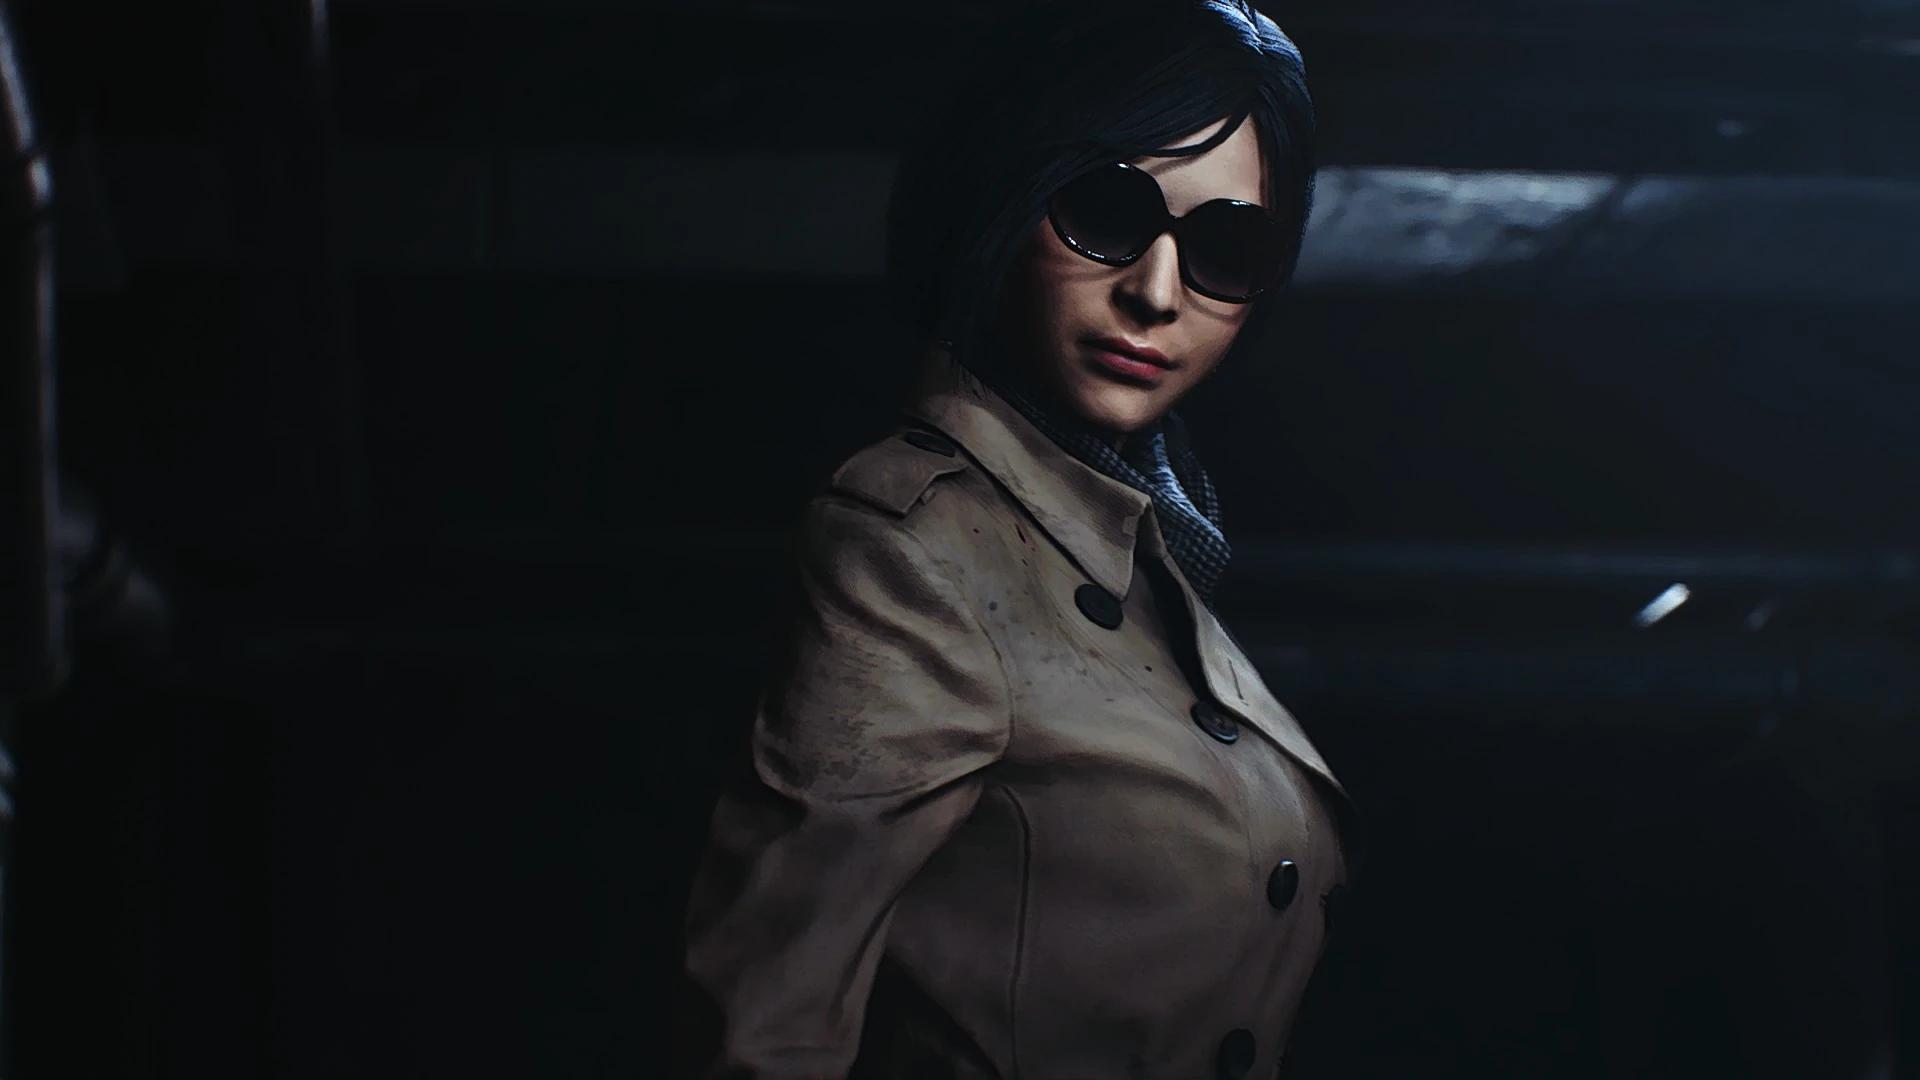 oikljhmvbn.png - Resident Evil 2